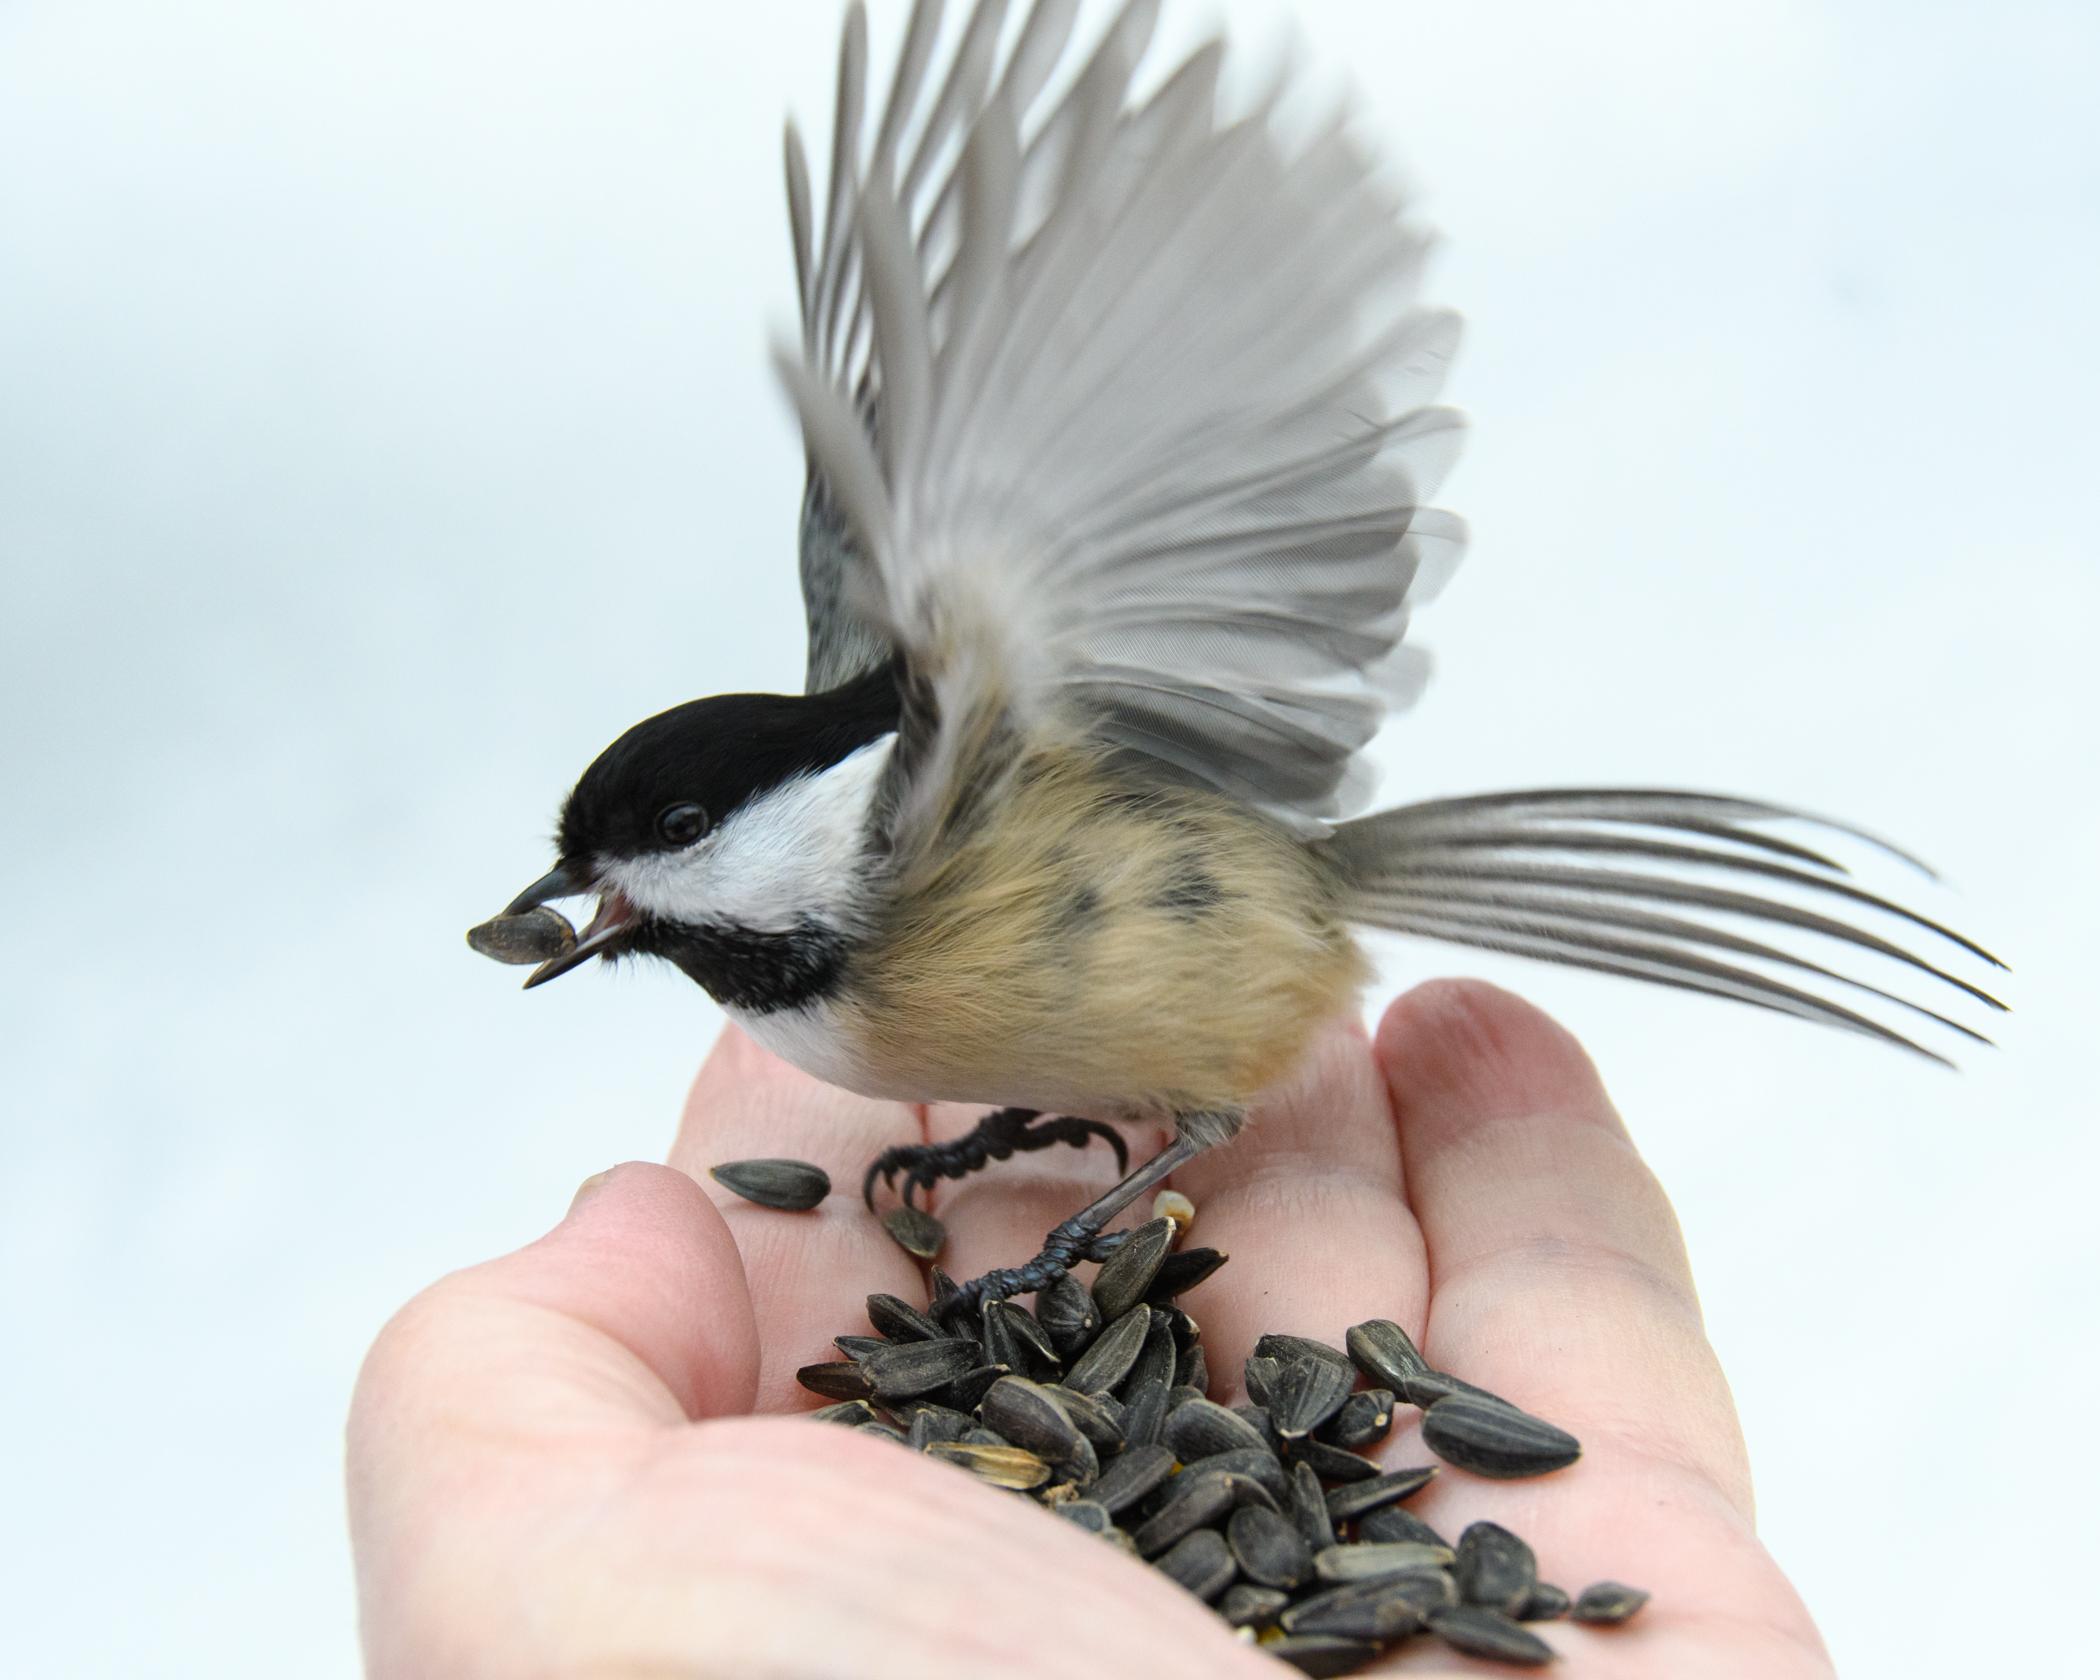 7136~COSP~Bird_In_Hand~Warning~Ken~MFC.jpg